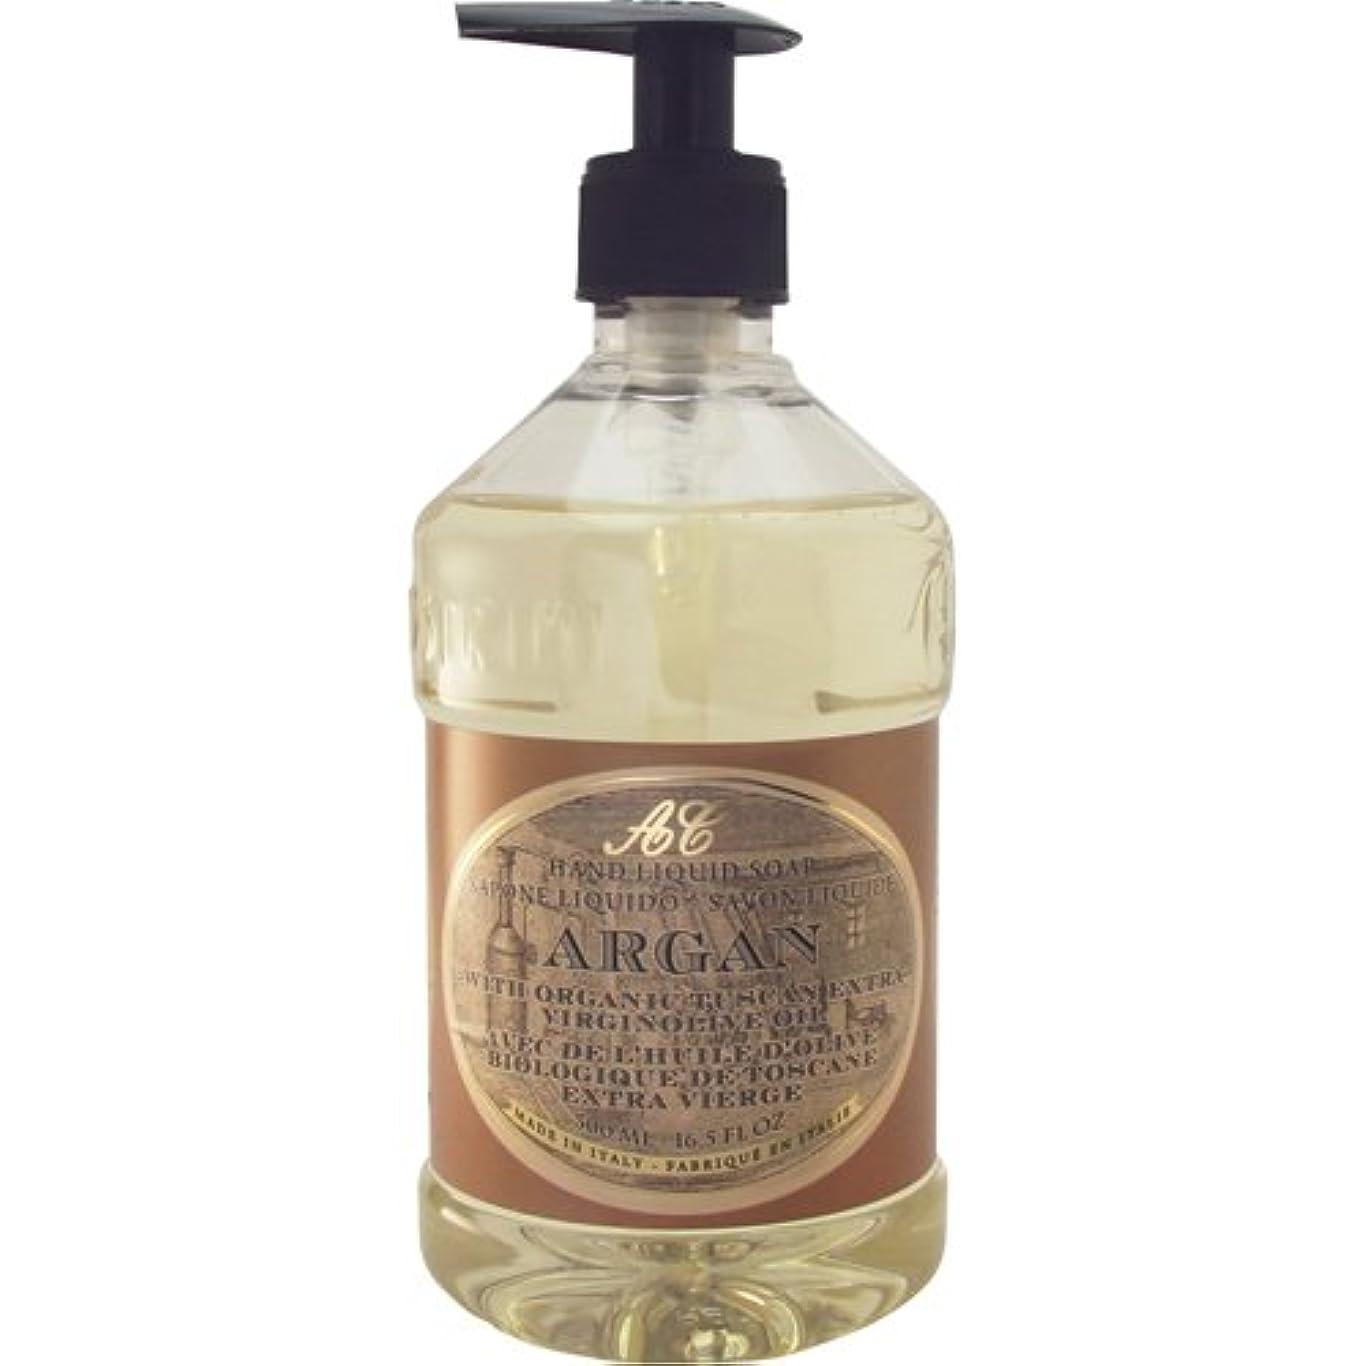 構成員趣味趣味Saponerire Fissi レトロシリーズ Liquid Soap リキッドソープ 500ml Argan アルガンオイル